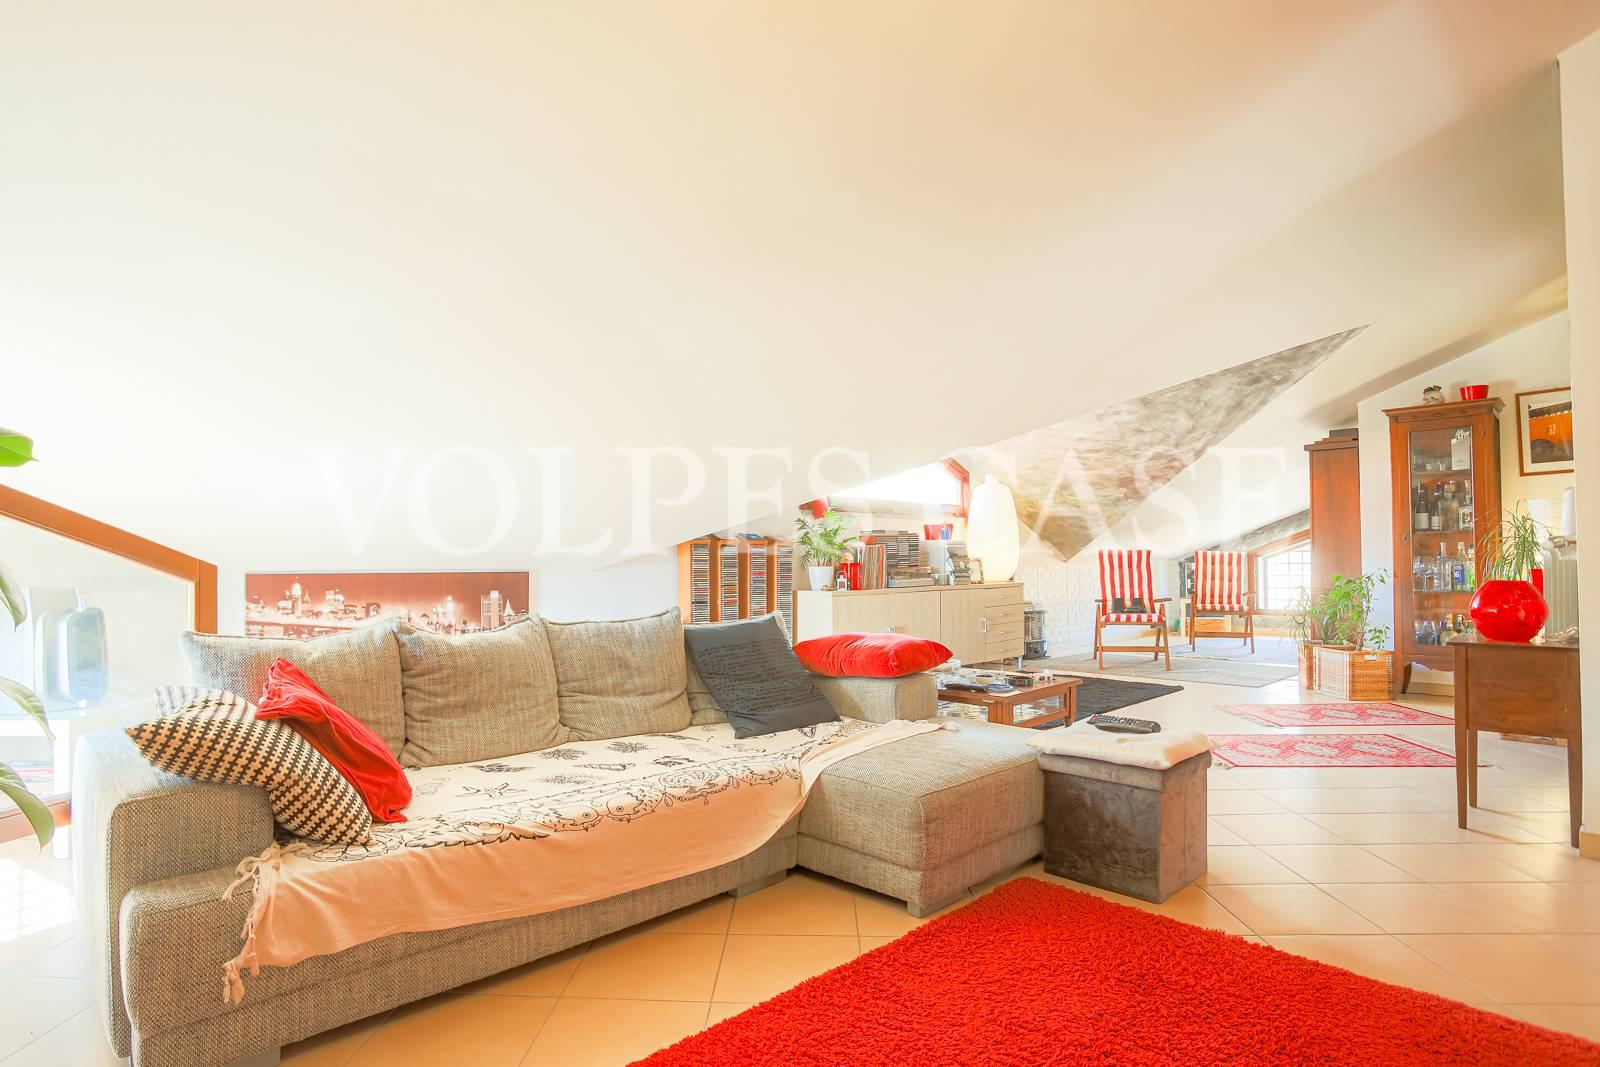 Appartamento in vendita a Riano, 4 locali, zona Zona: Belvedere, prezzo € 170.000 | CambioCasa.it